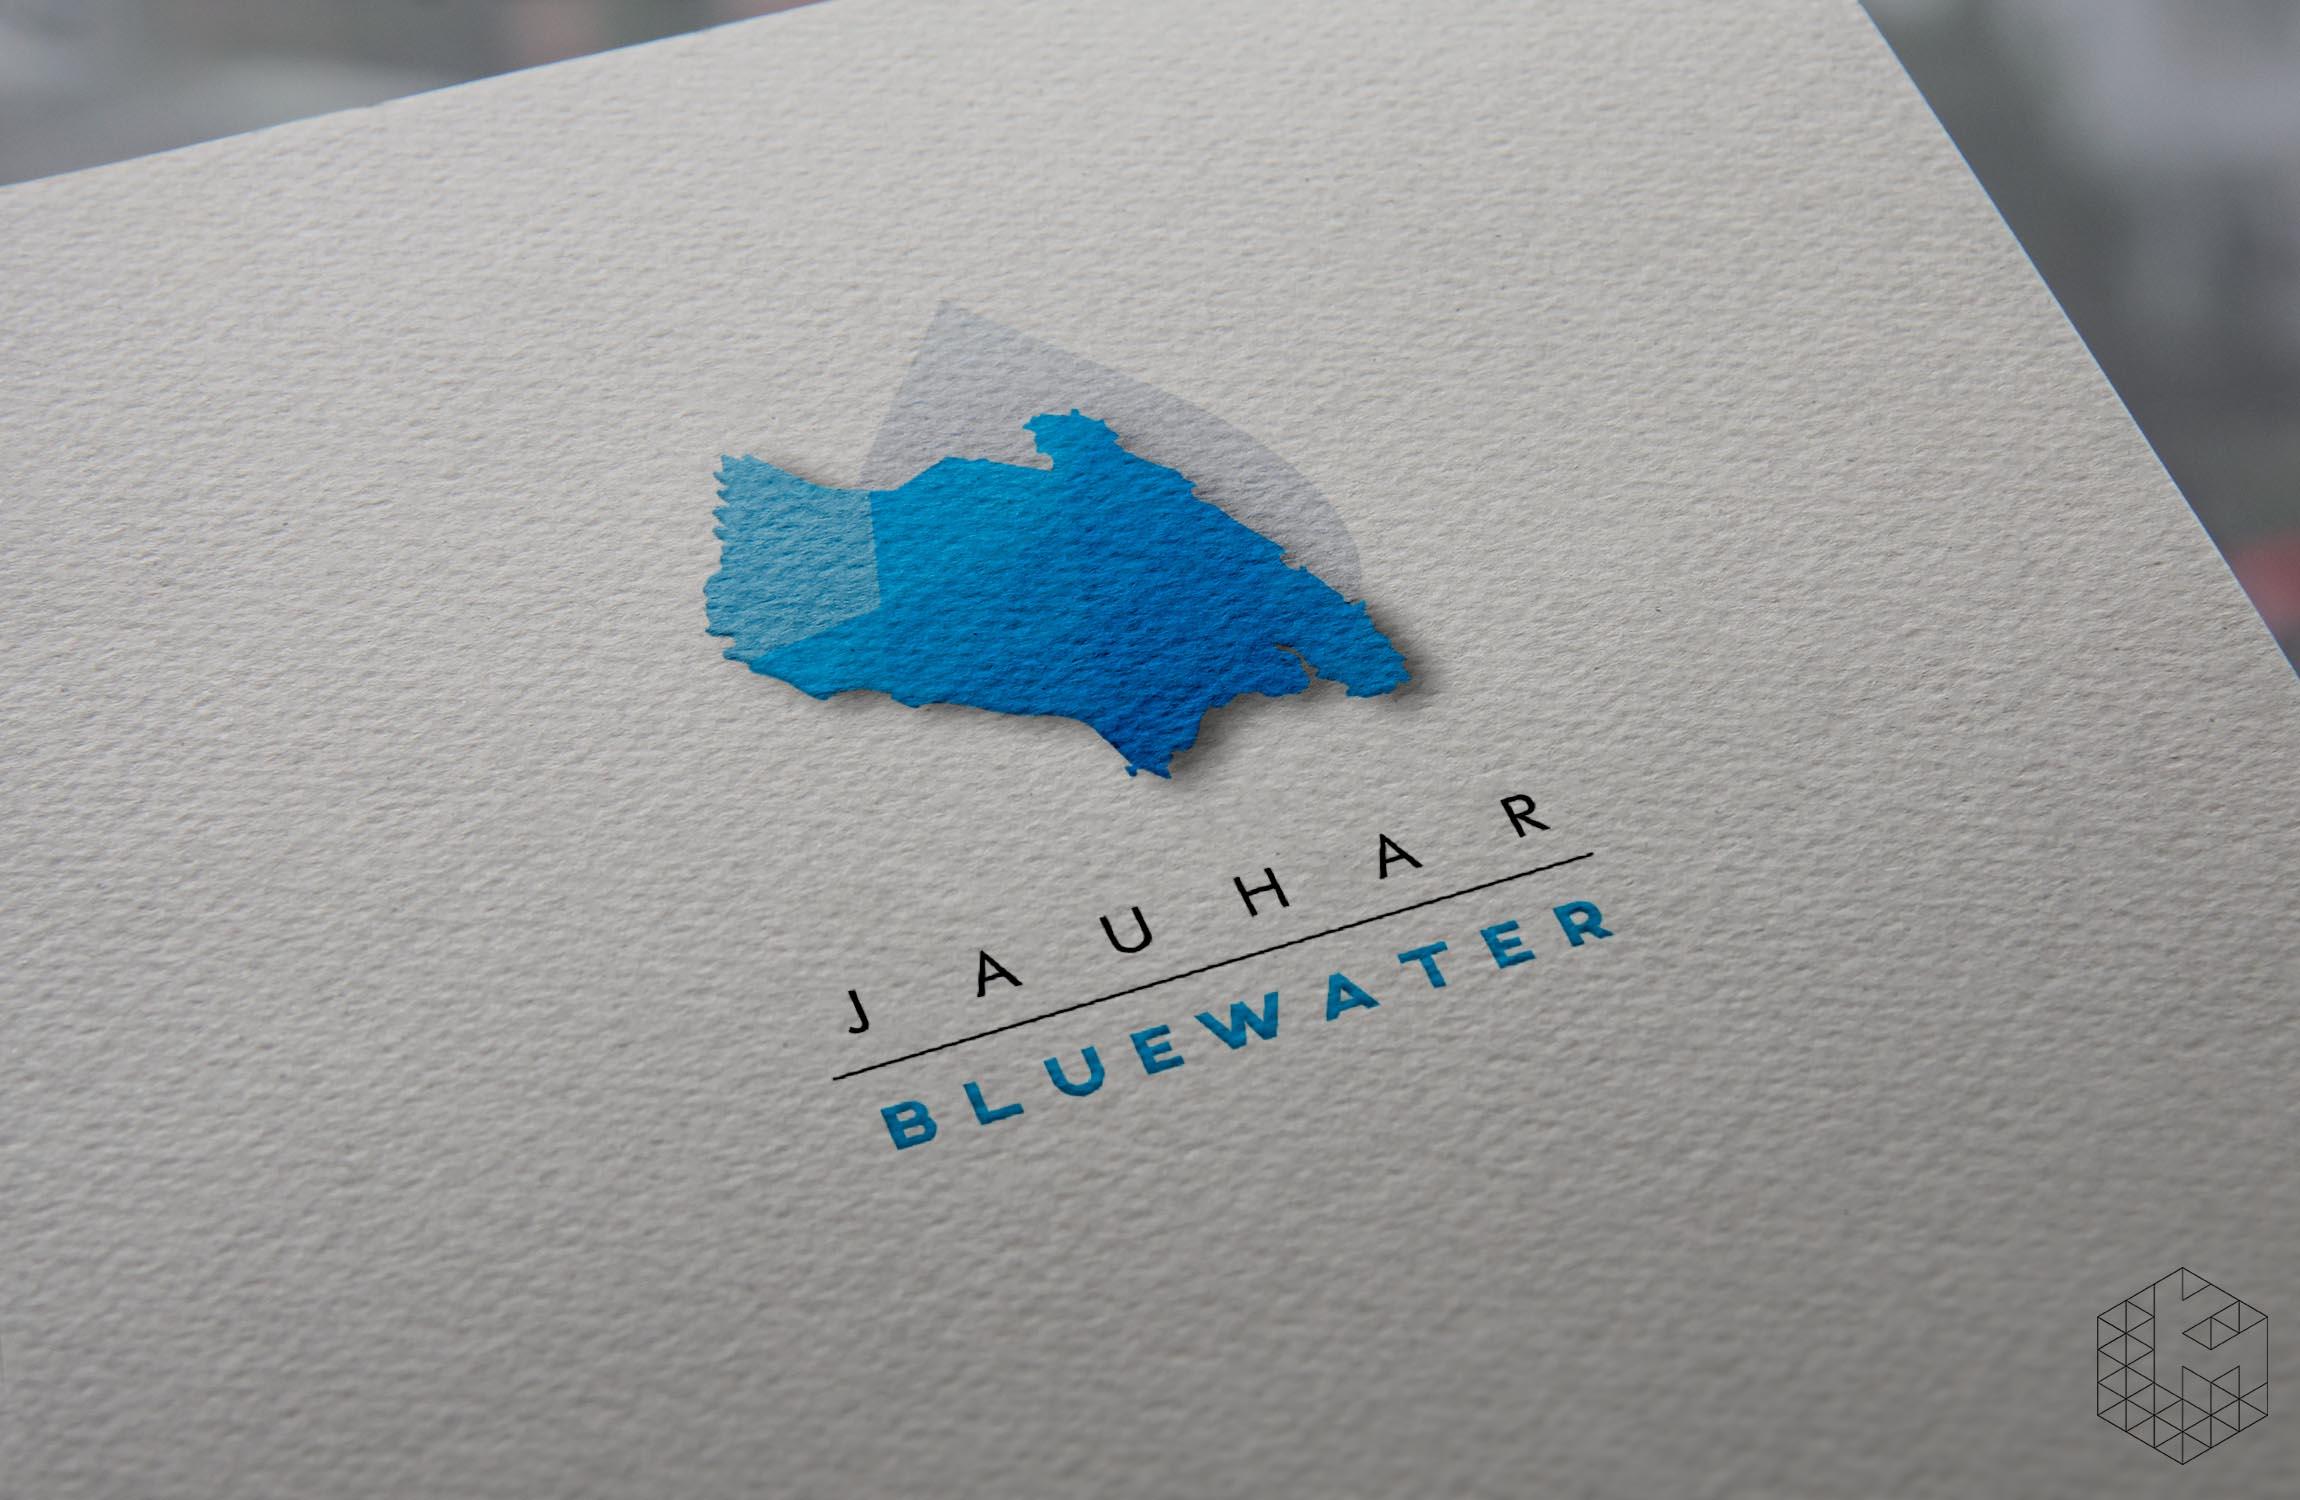 Jauhar Bluewater.